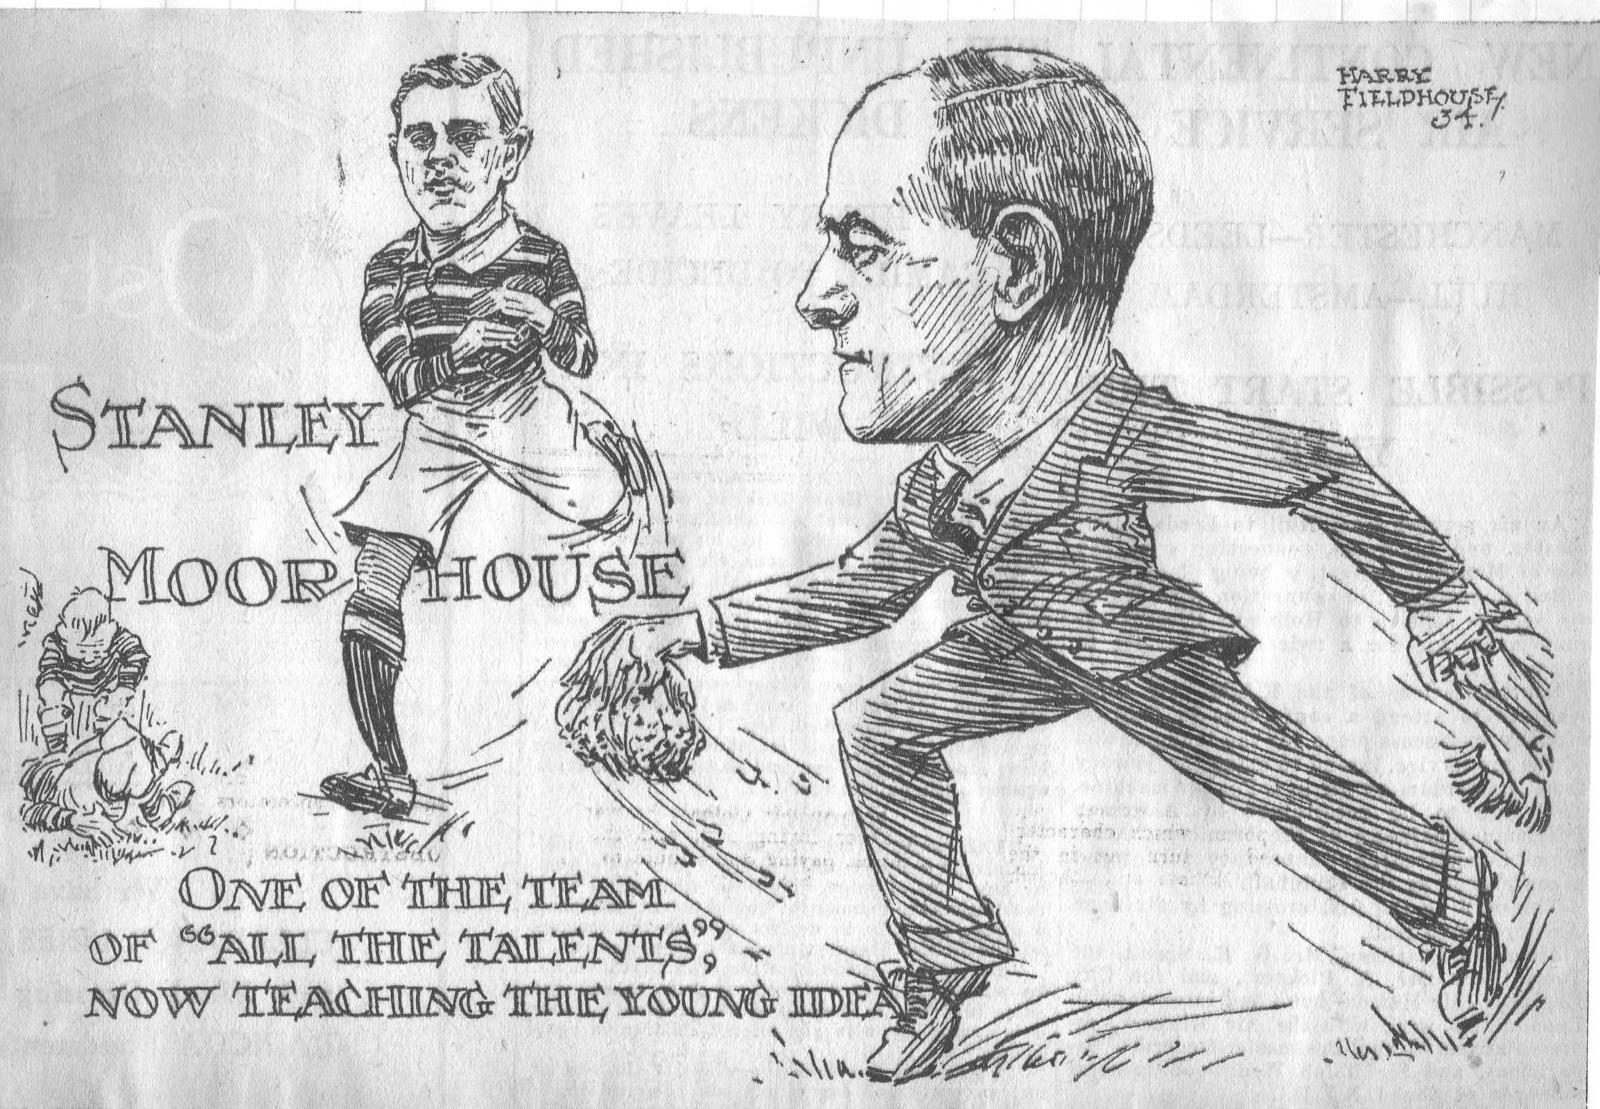 Stanley_Moorhouse_Caricature.jpg